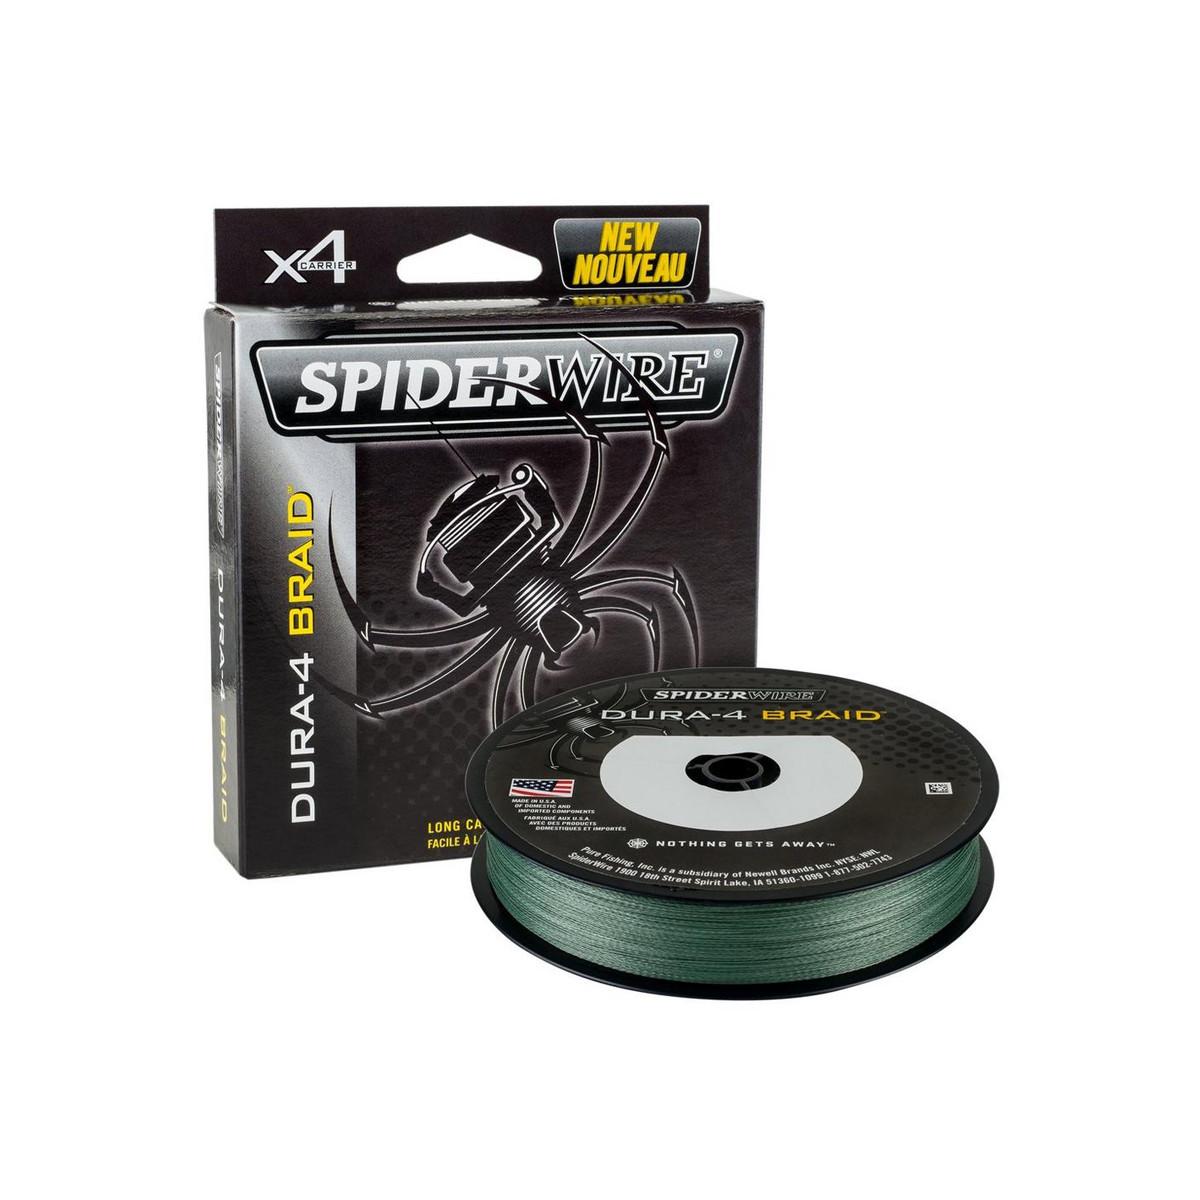 SPIDERWIRE DURA-4 BRAID 150M MOSS GREEN